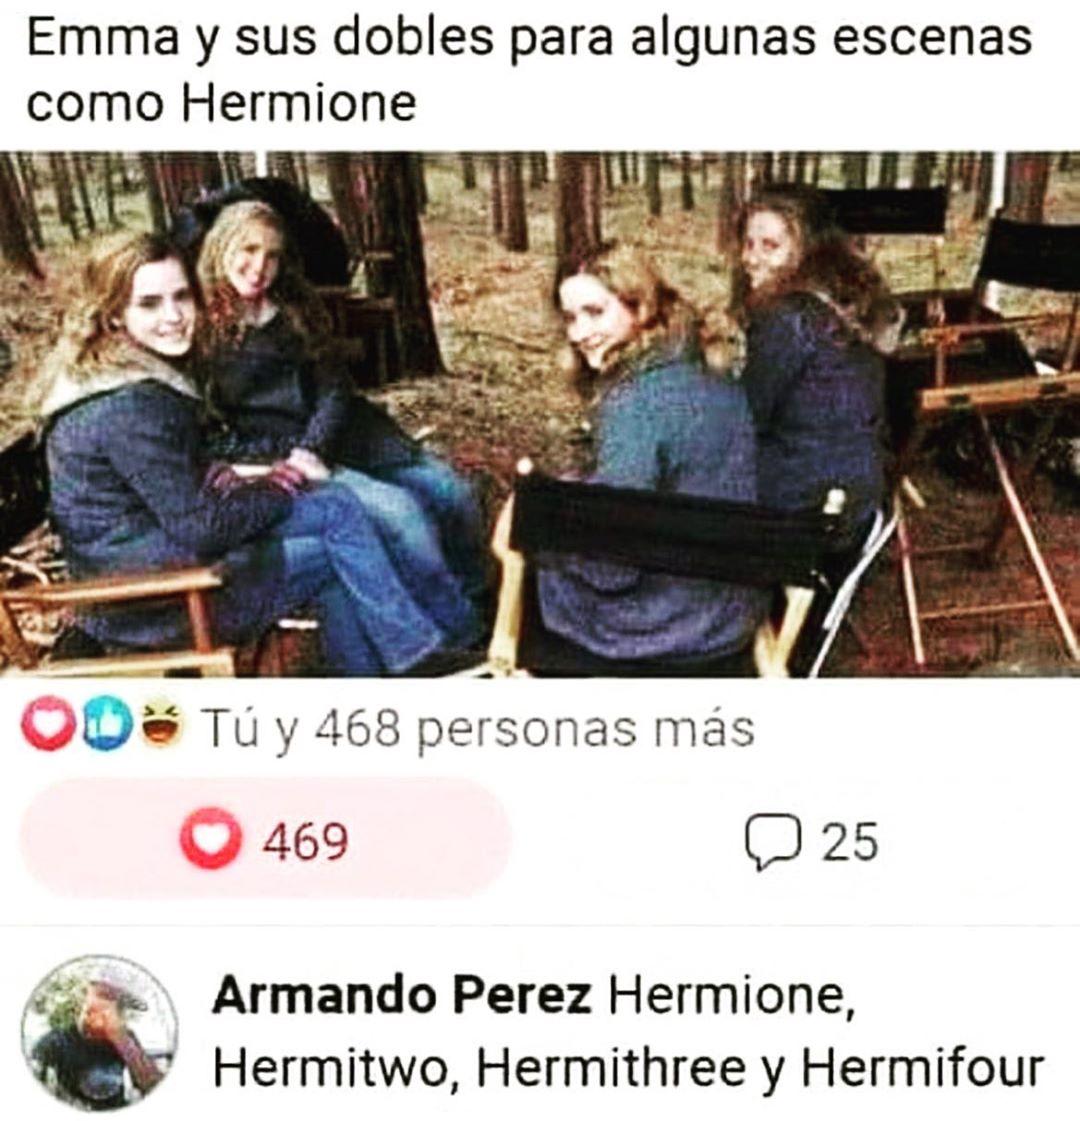 Emma y sus dobles para algunas escenas como Hermione.  Hermione, Hermitwo, Hermithree y Hermifour.